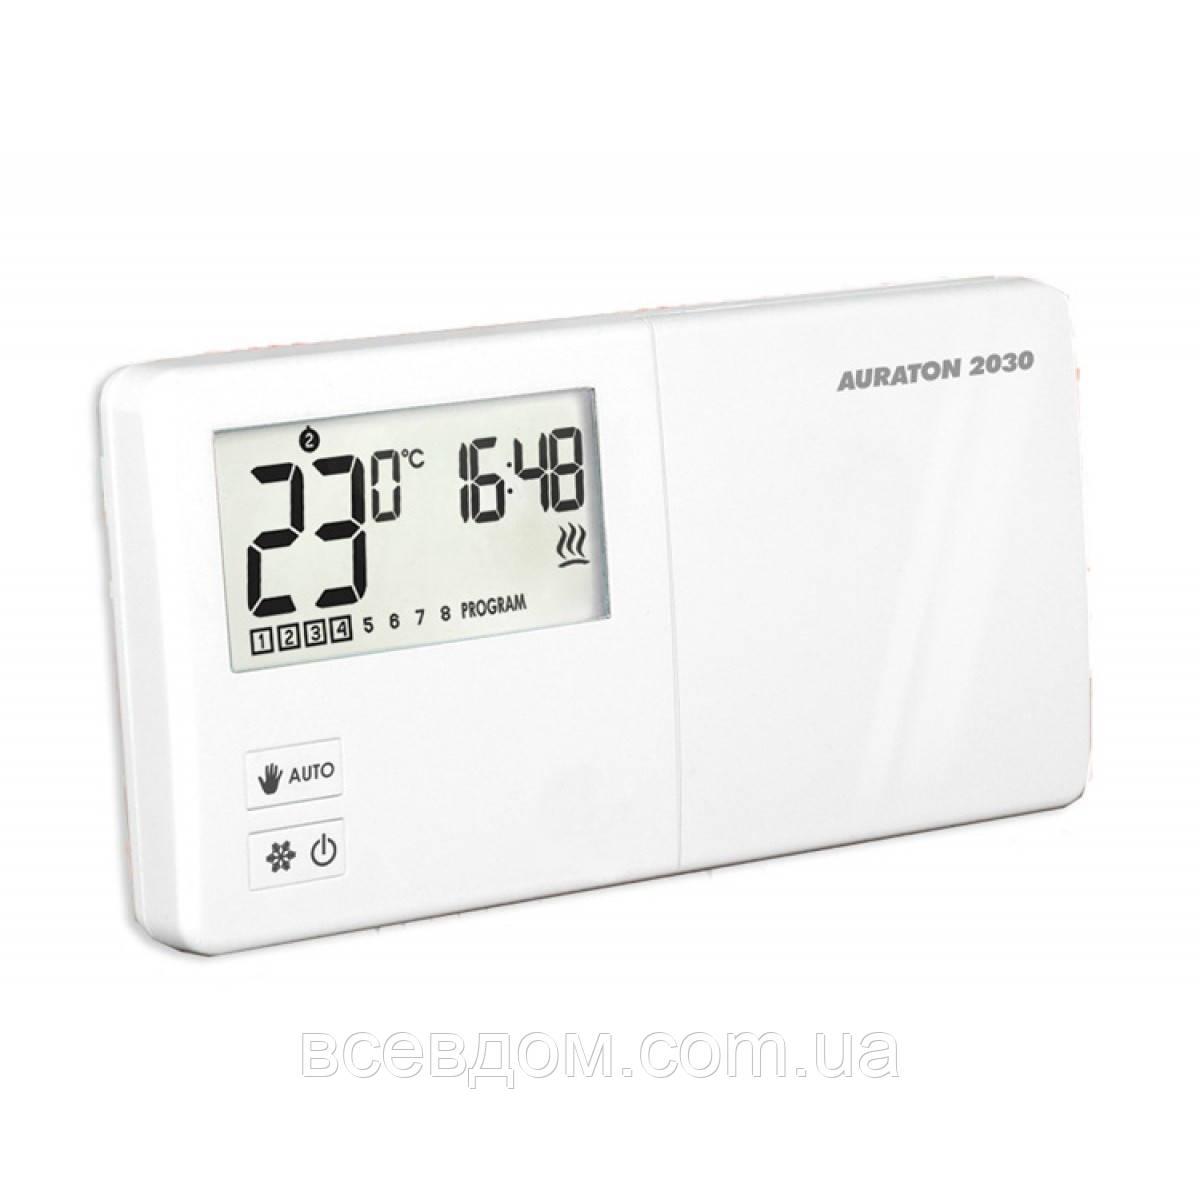 Проводной недельный программатор температуры Auraton 2030